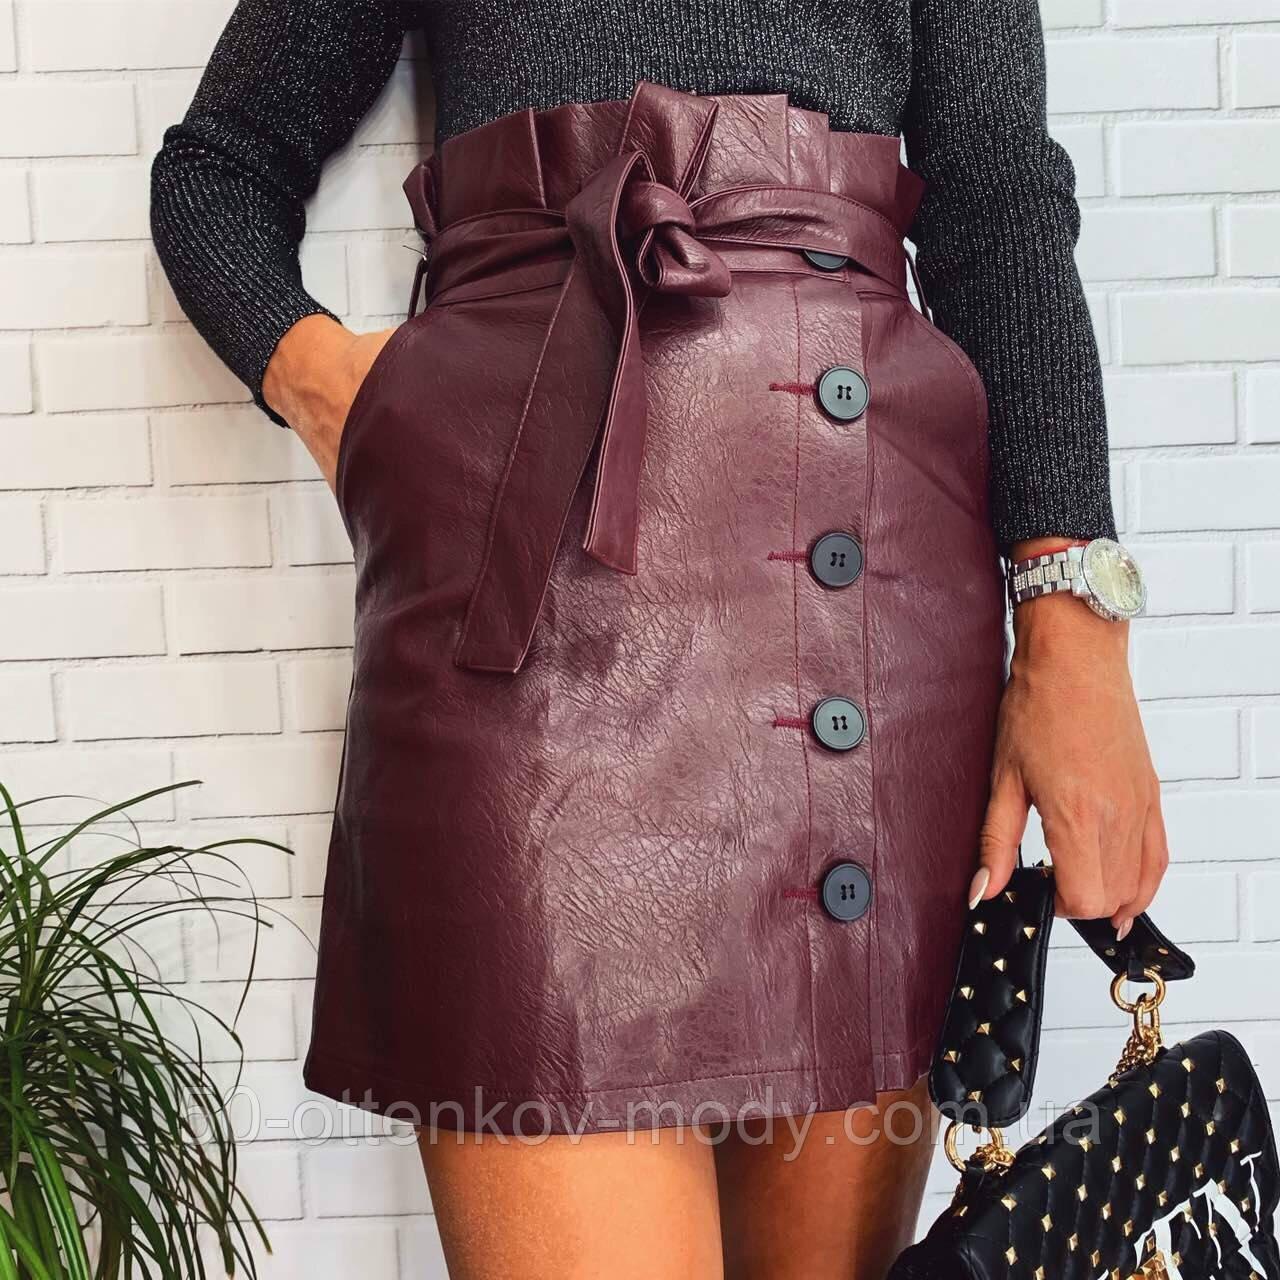 Женская юбка из эко-кожи черная, бежевая, марсала